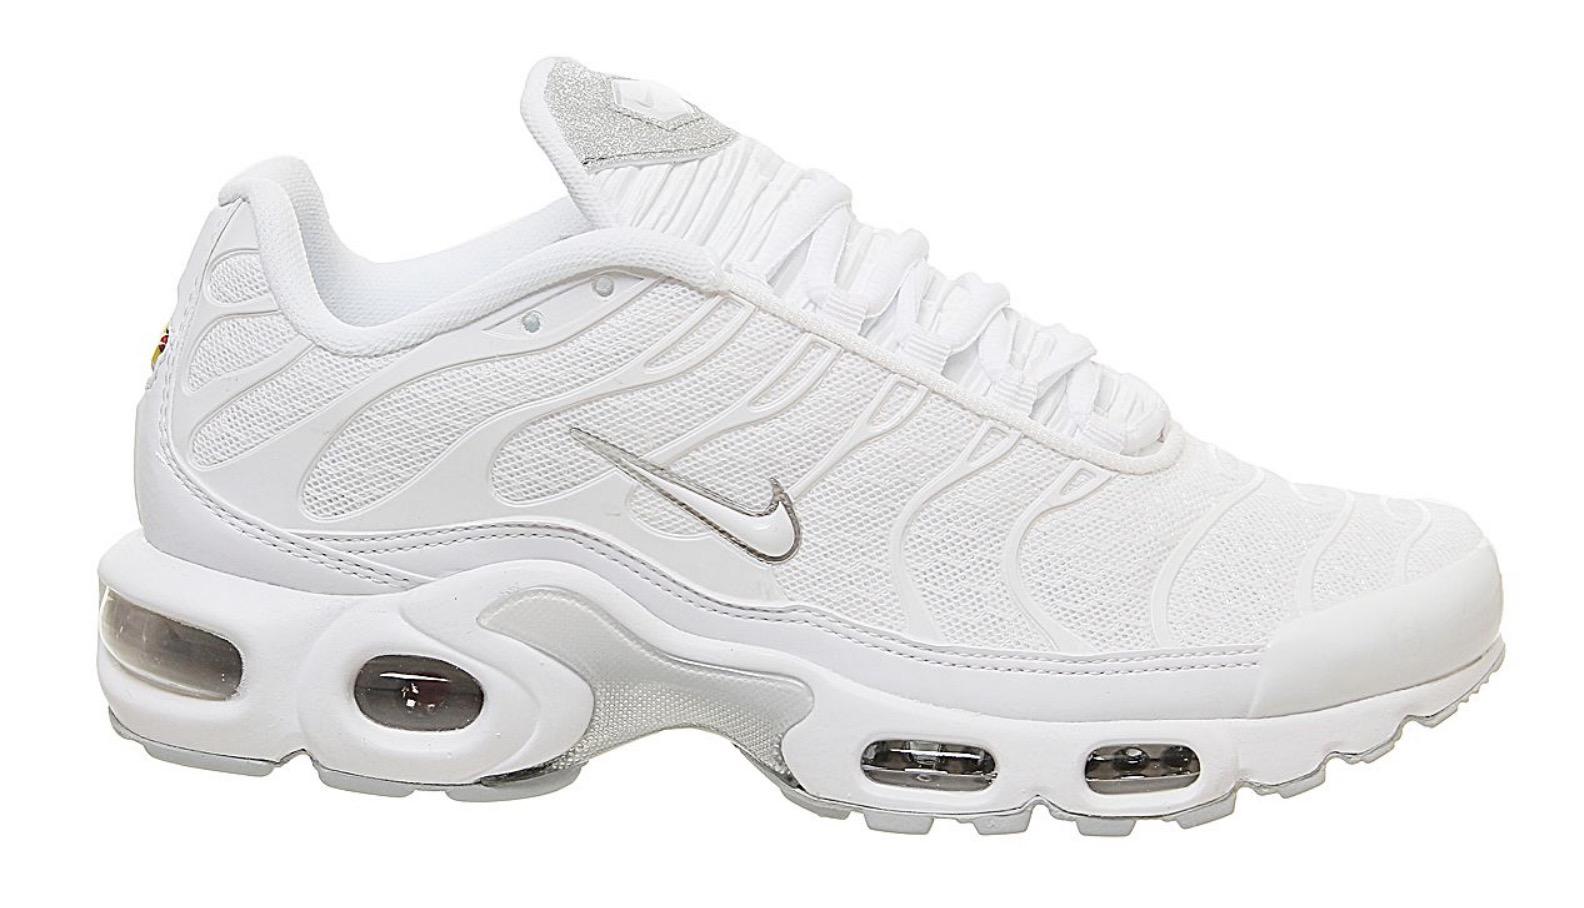 Nike Air Max Plus White Glitter